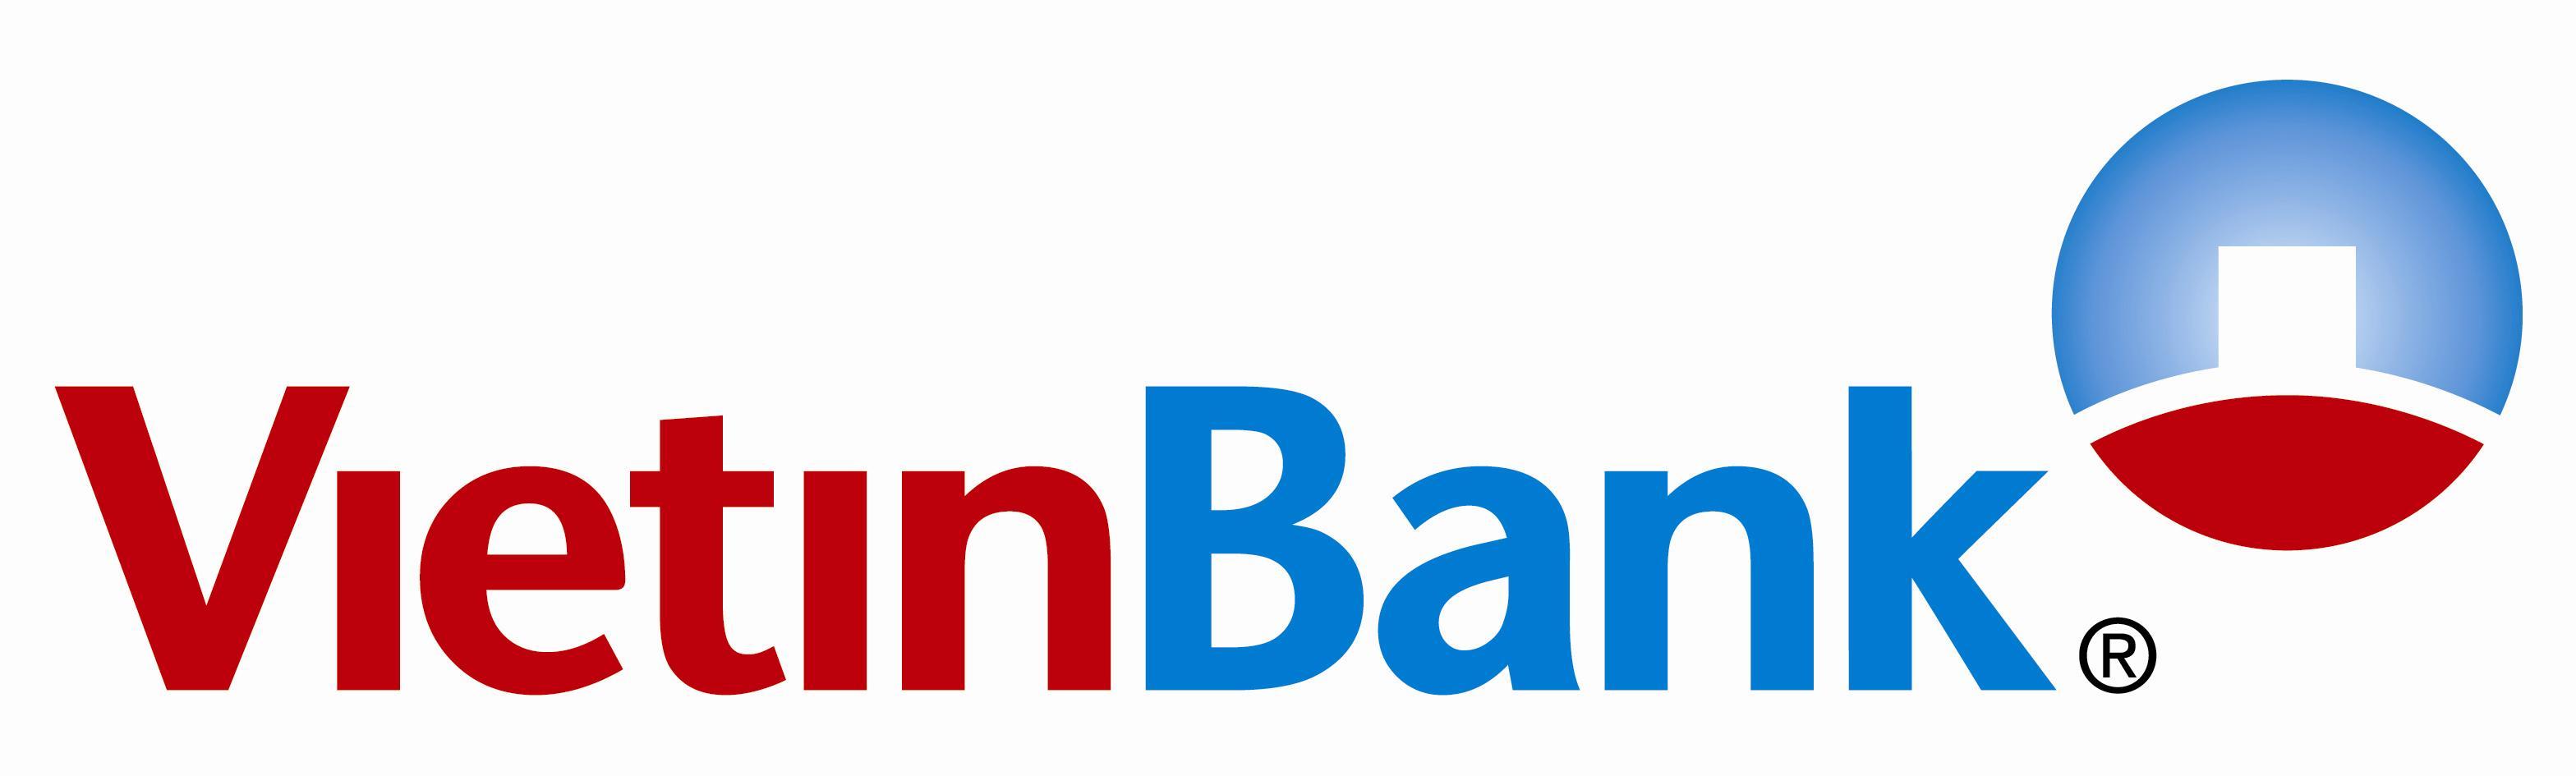 Logo Vietinbank PNG-PlusPNG.com-3136 - Logo Vietinbank PNG